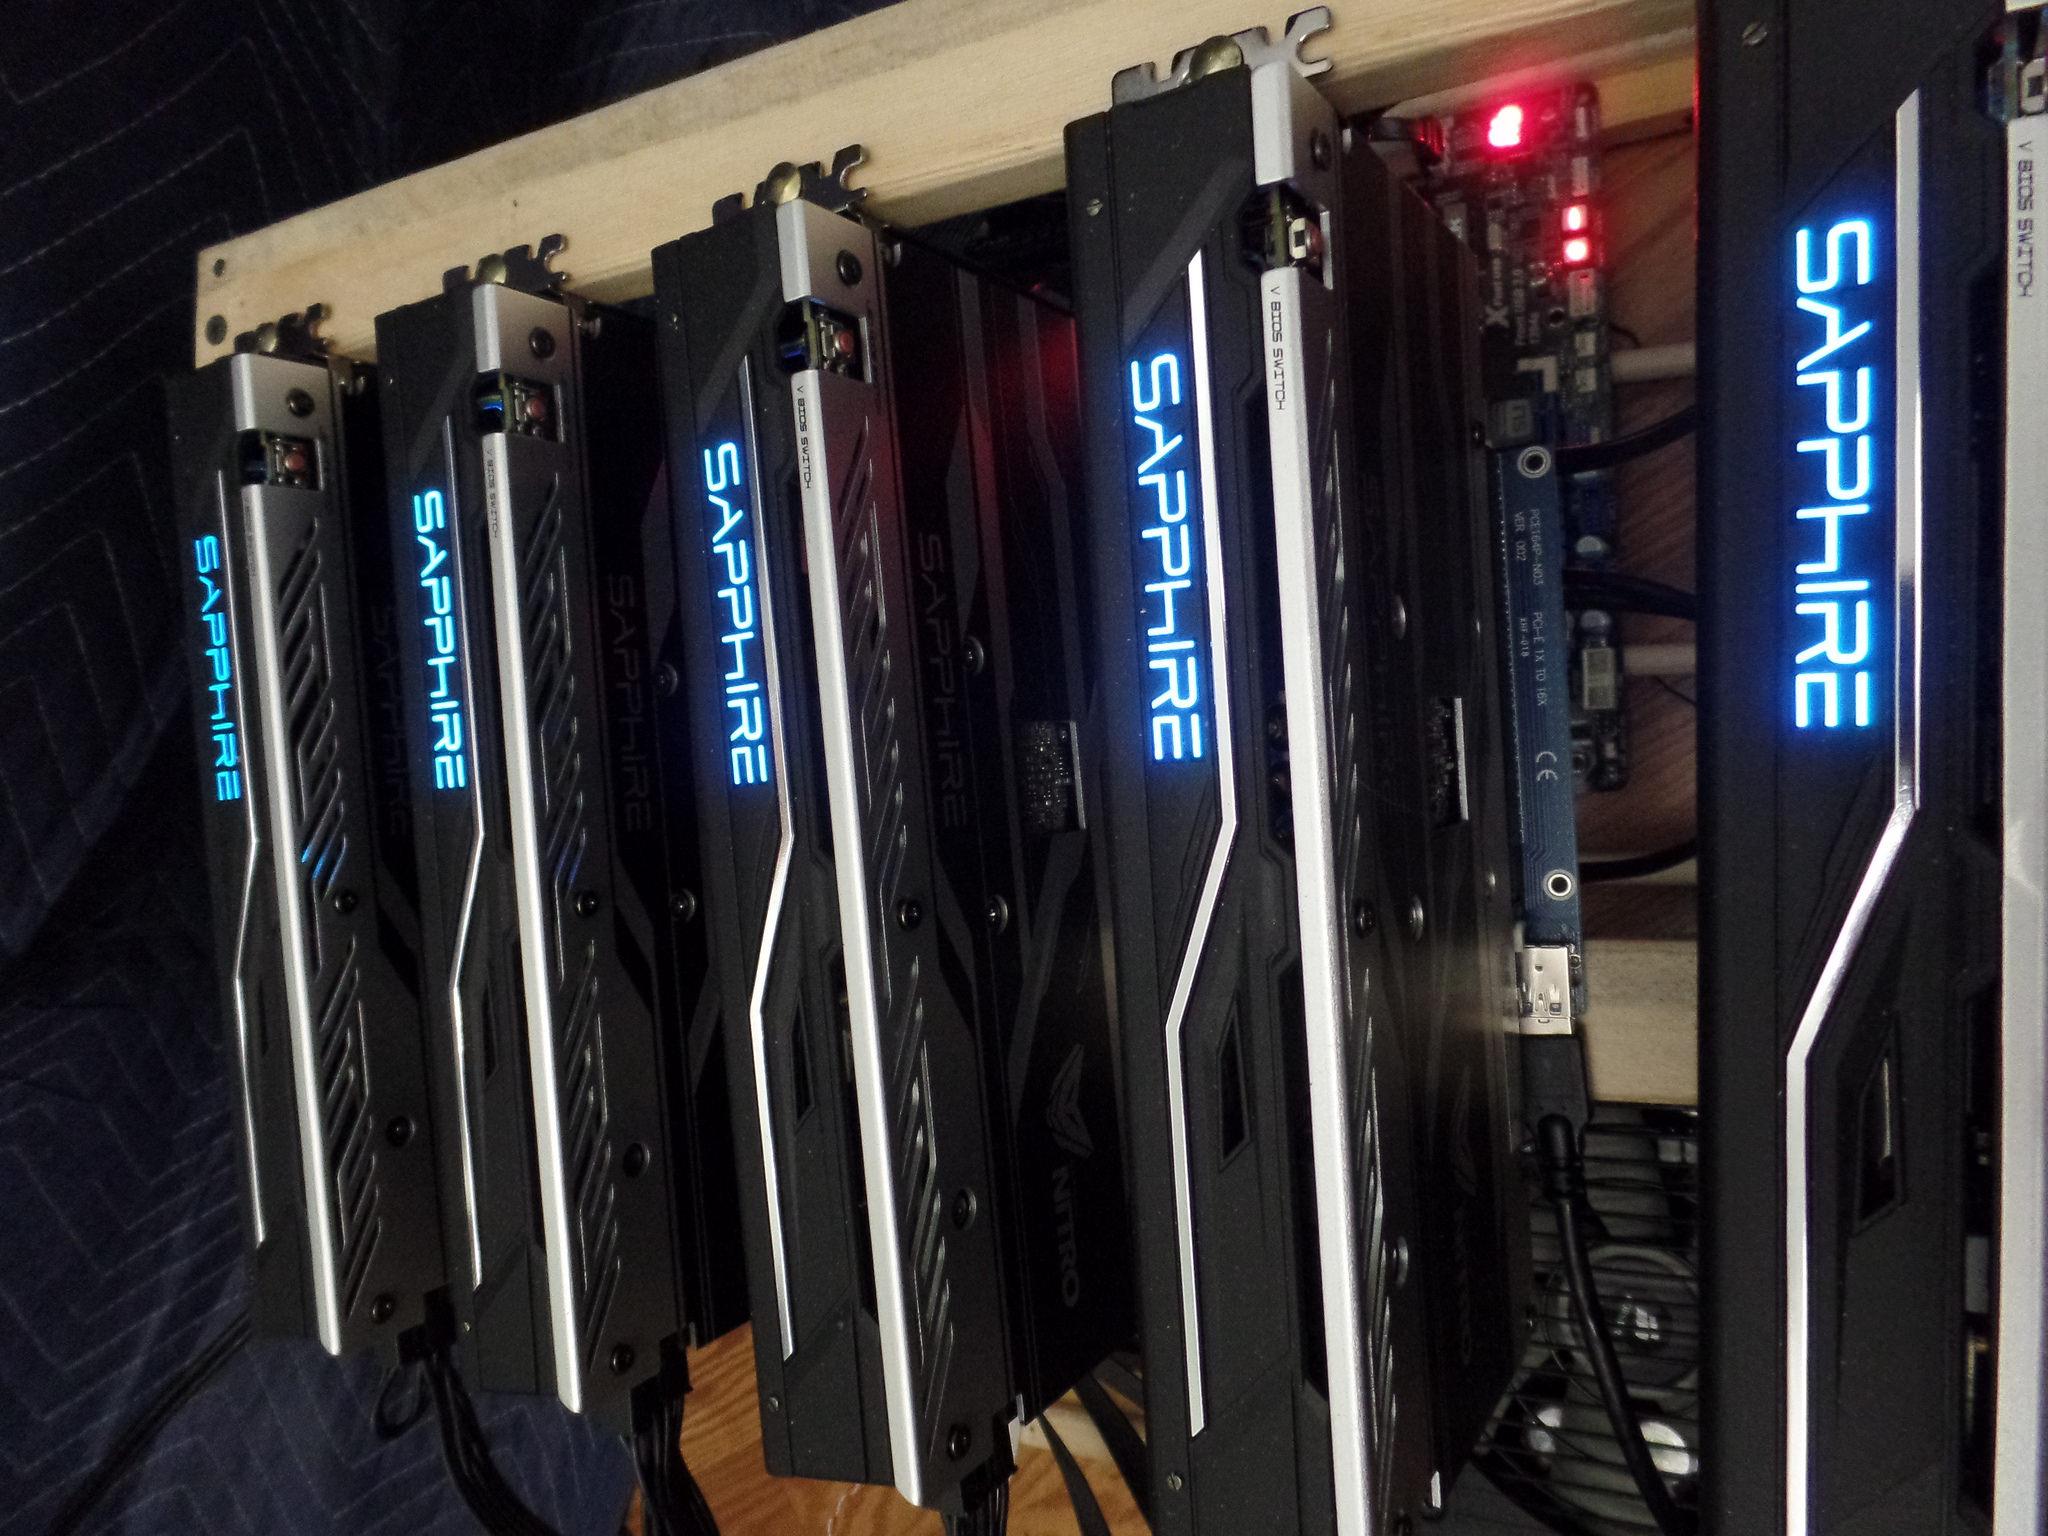 Takzvaný rig z grafických karet, sloužící pro těžbu kryptoměn (například Bitcoin)